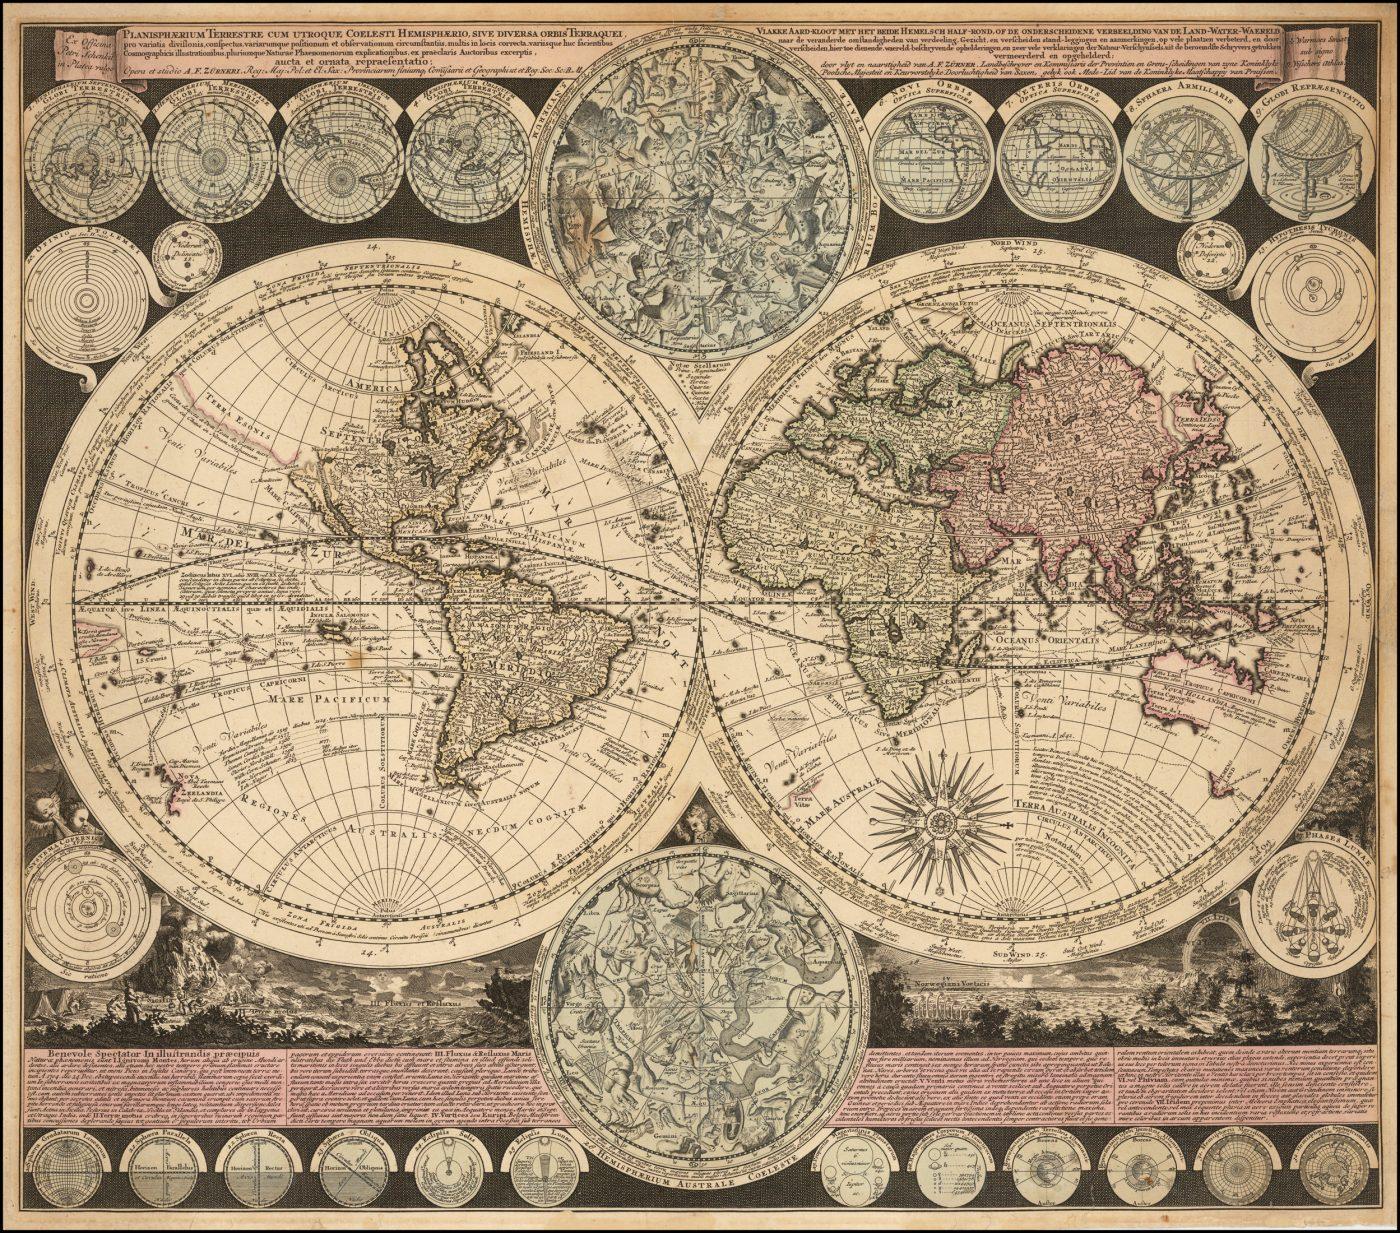 Сложная и информативная двухполушарная карта мира Адама Фрейдриха Цюрнера